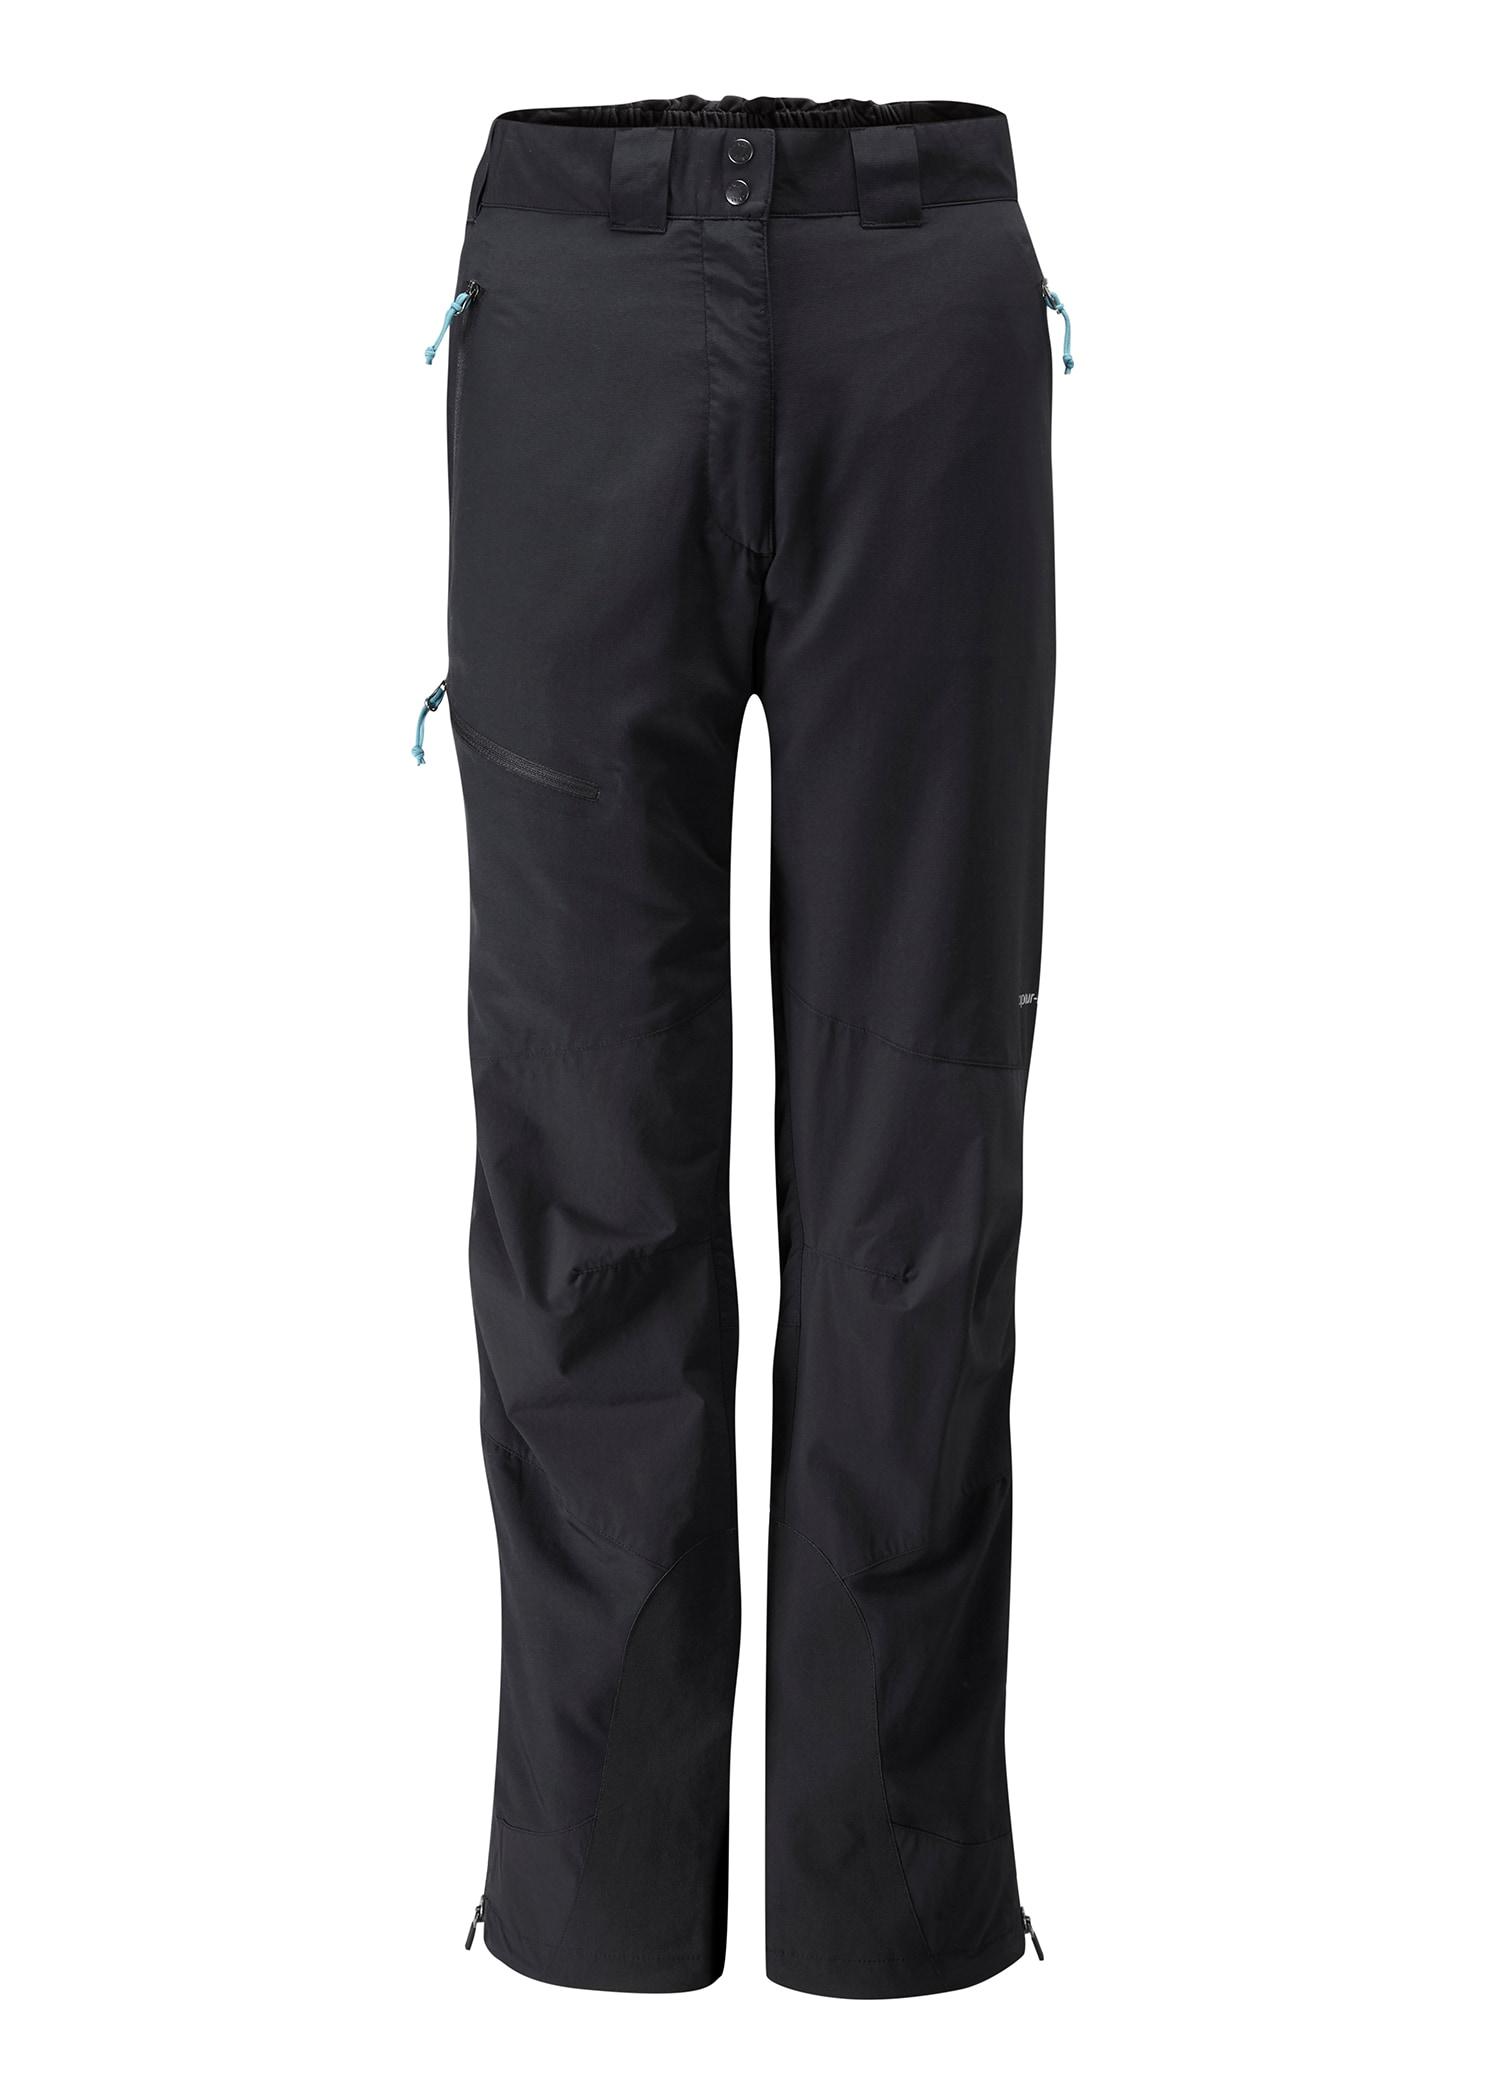 Rab Vapour Rise Guide Pants, W's